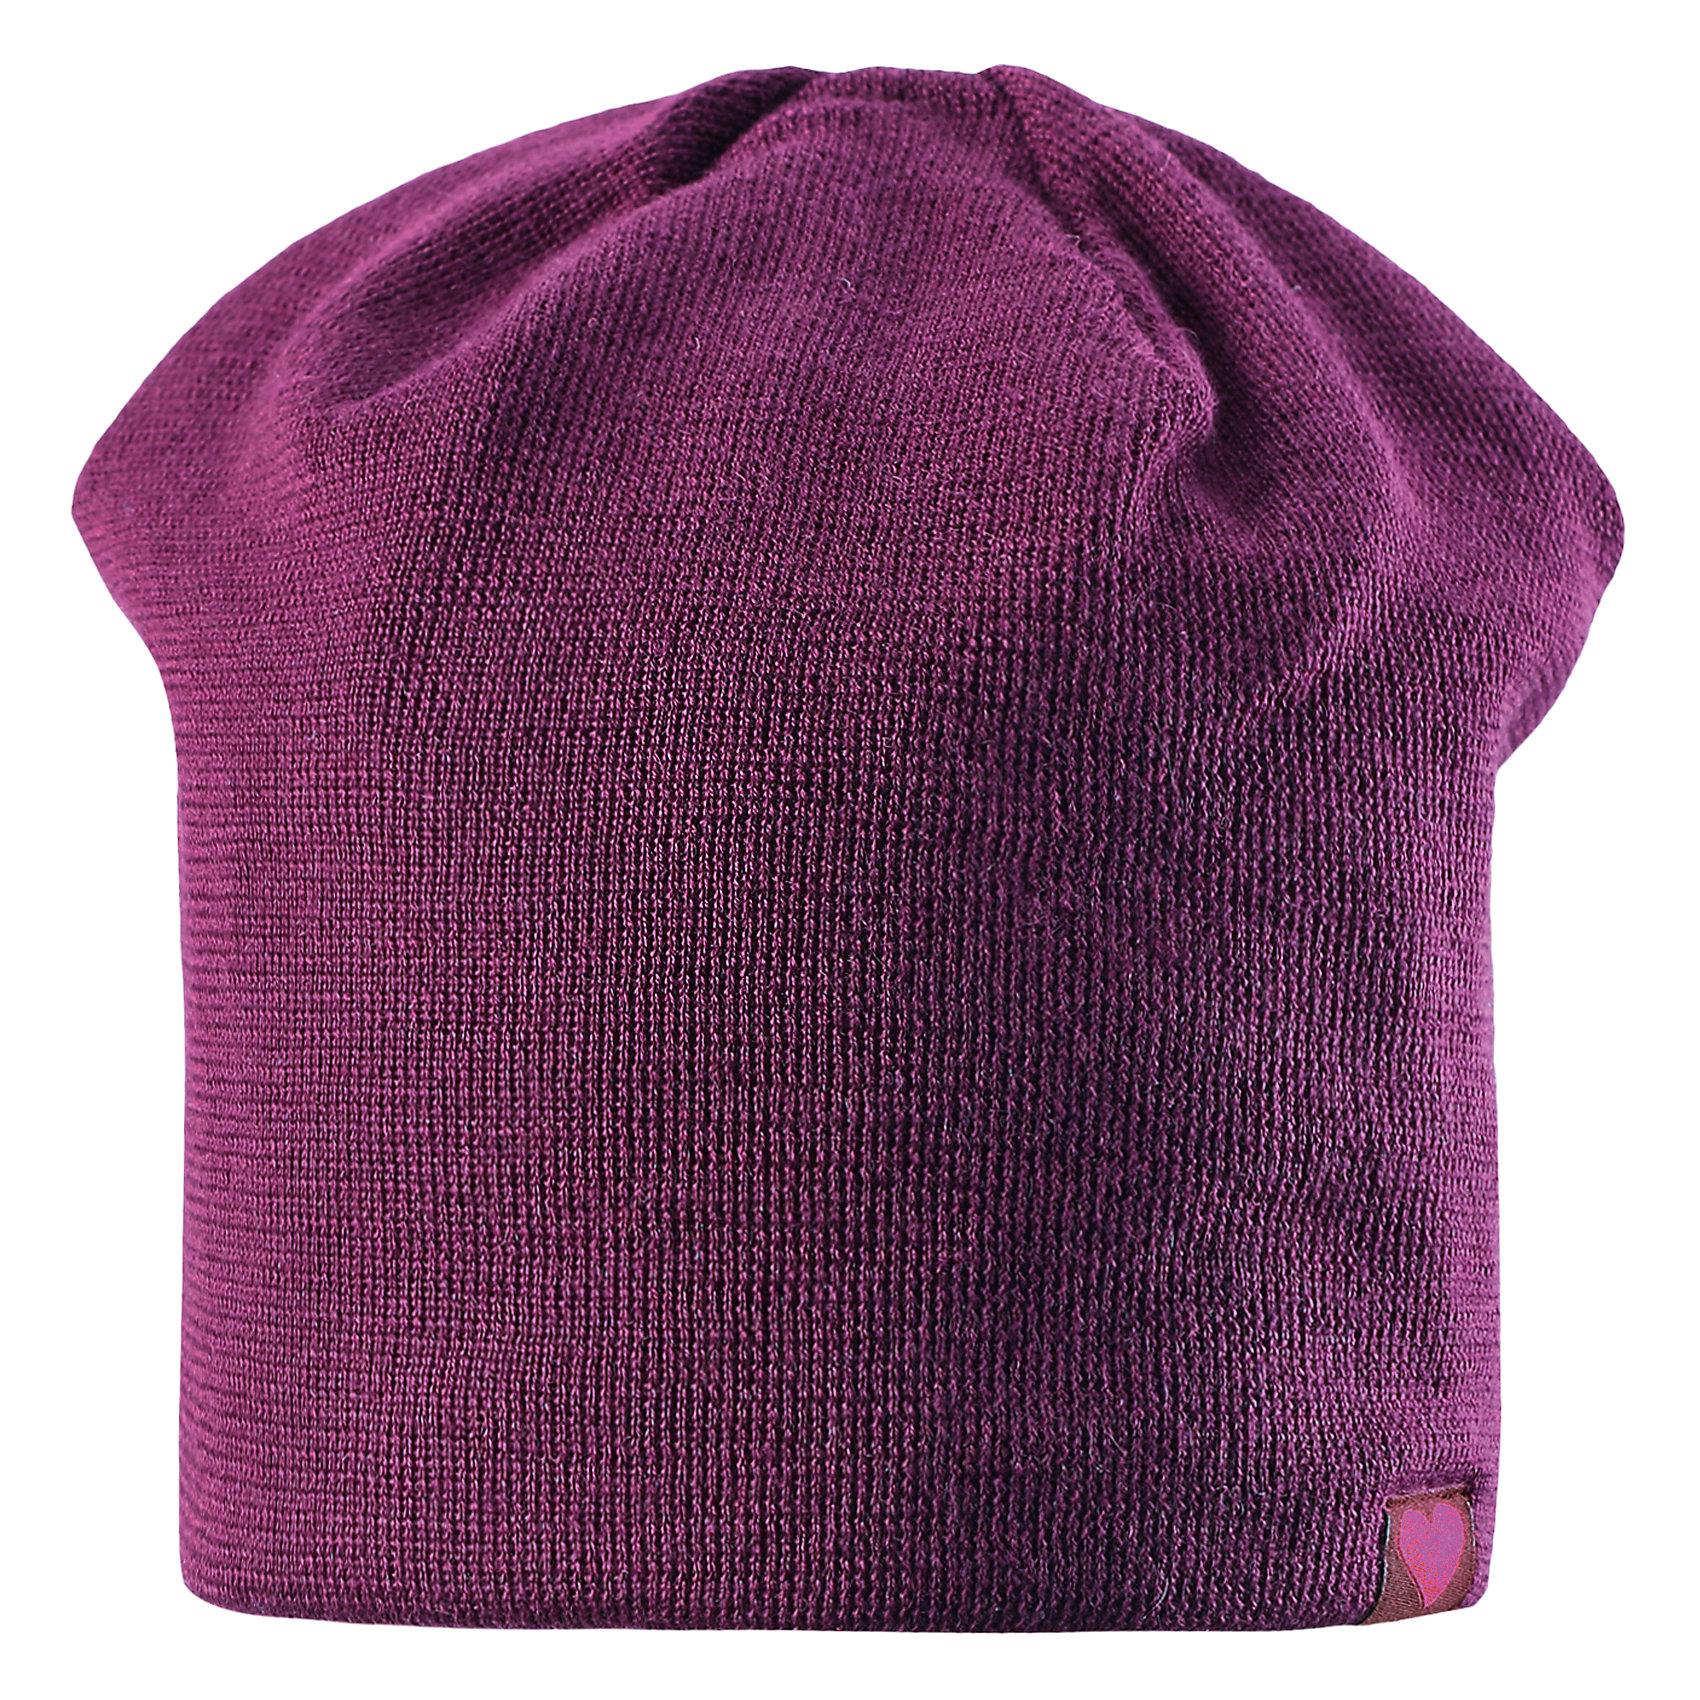 Шапка LASSIEШапки и шарфы<br>Шапка «Бини» для детей известной финской марки.<br><br>- Мягкая и теплая ткань из смеси шерсти.<br><br>- Ветронепроницаемые вставки в области ушей.<br>- Мягкая теплая подкладка из флиса. <br>- Помпон сверху. <br>- Декоративная структура поверхности. <br>- Светоотражающая эмблема Lassie® спереди.  <br><br>Рекомендации по уходу: Придать первоначальную форму вo влажном виде. <br><br>Возможна усадка 5 %.Состав: 50% Шерсть, 50% полиакрил.<br><br>Ширина мм: 89<br>Глубина мм: 117<br>Высота мм: 44<br>Вес г: 155<br>Цвет: фиолетовый<br>Возраст от месяцев: 12<br>Возраст до месяцев: 24<br>Пол: Женский<br>Возраст: Детский<br>Размер: 46-48,54-56,50-52<br>SKU: 4780709